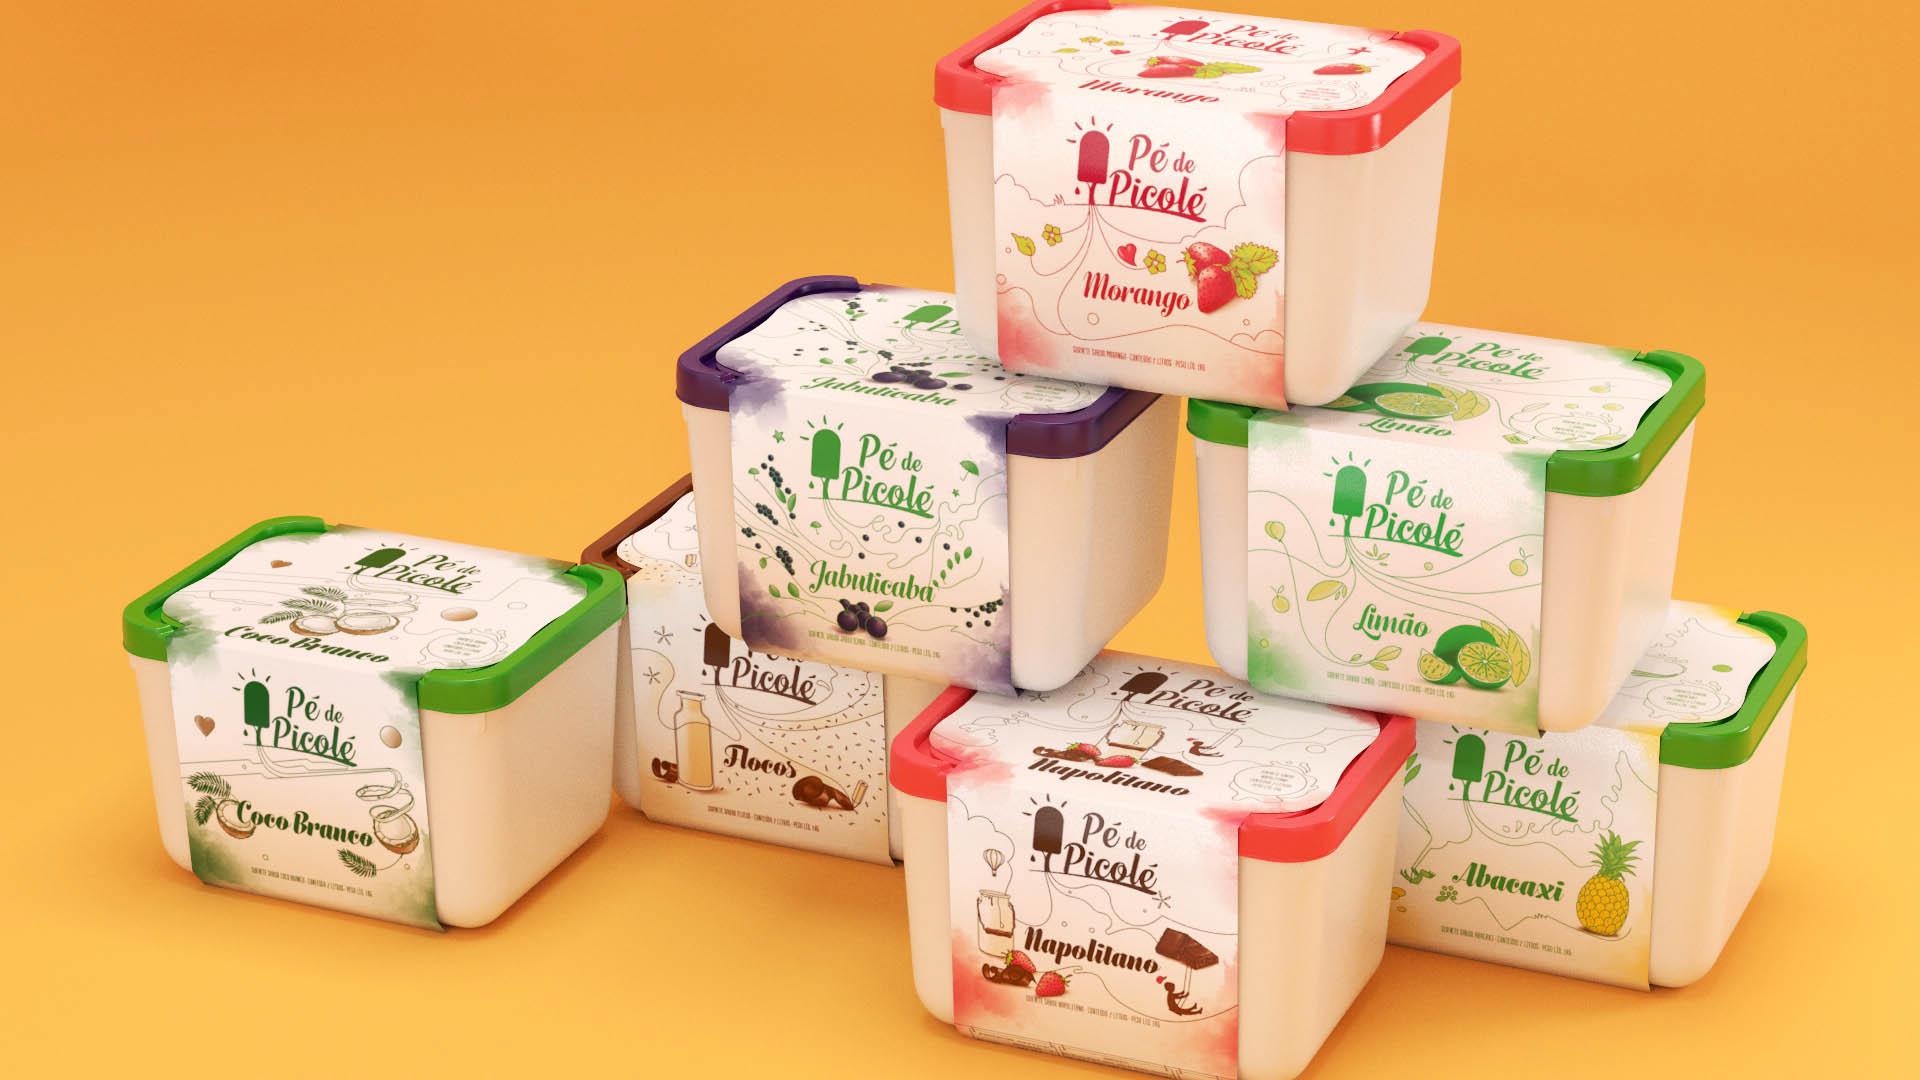 Embalagens Pé de Picolé